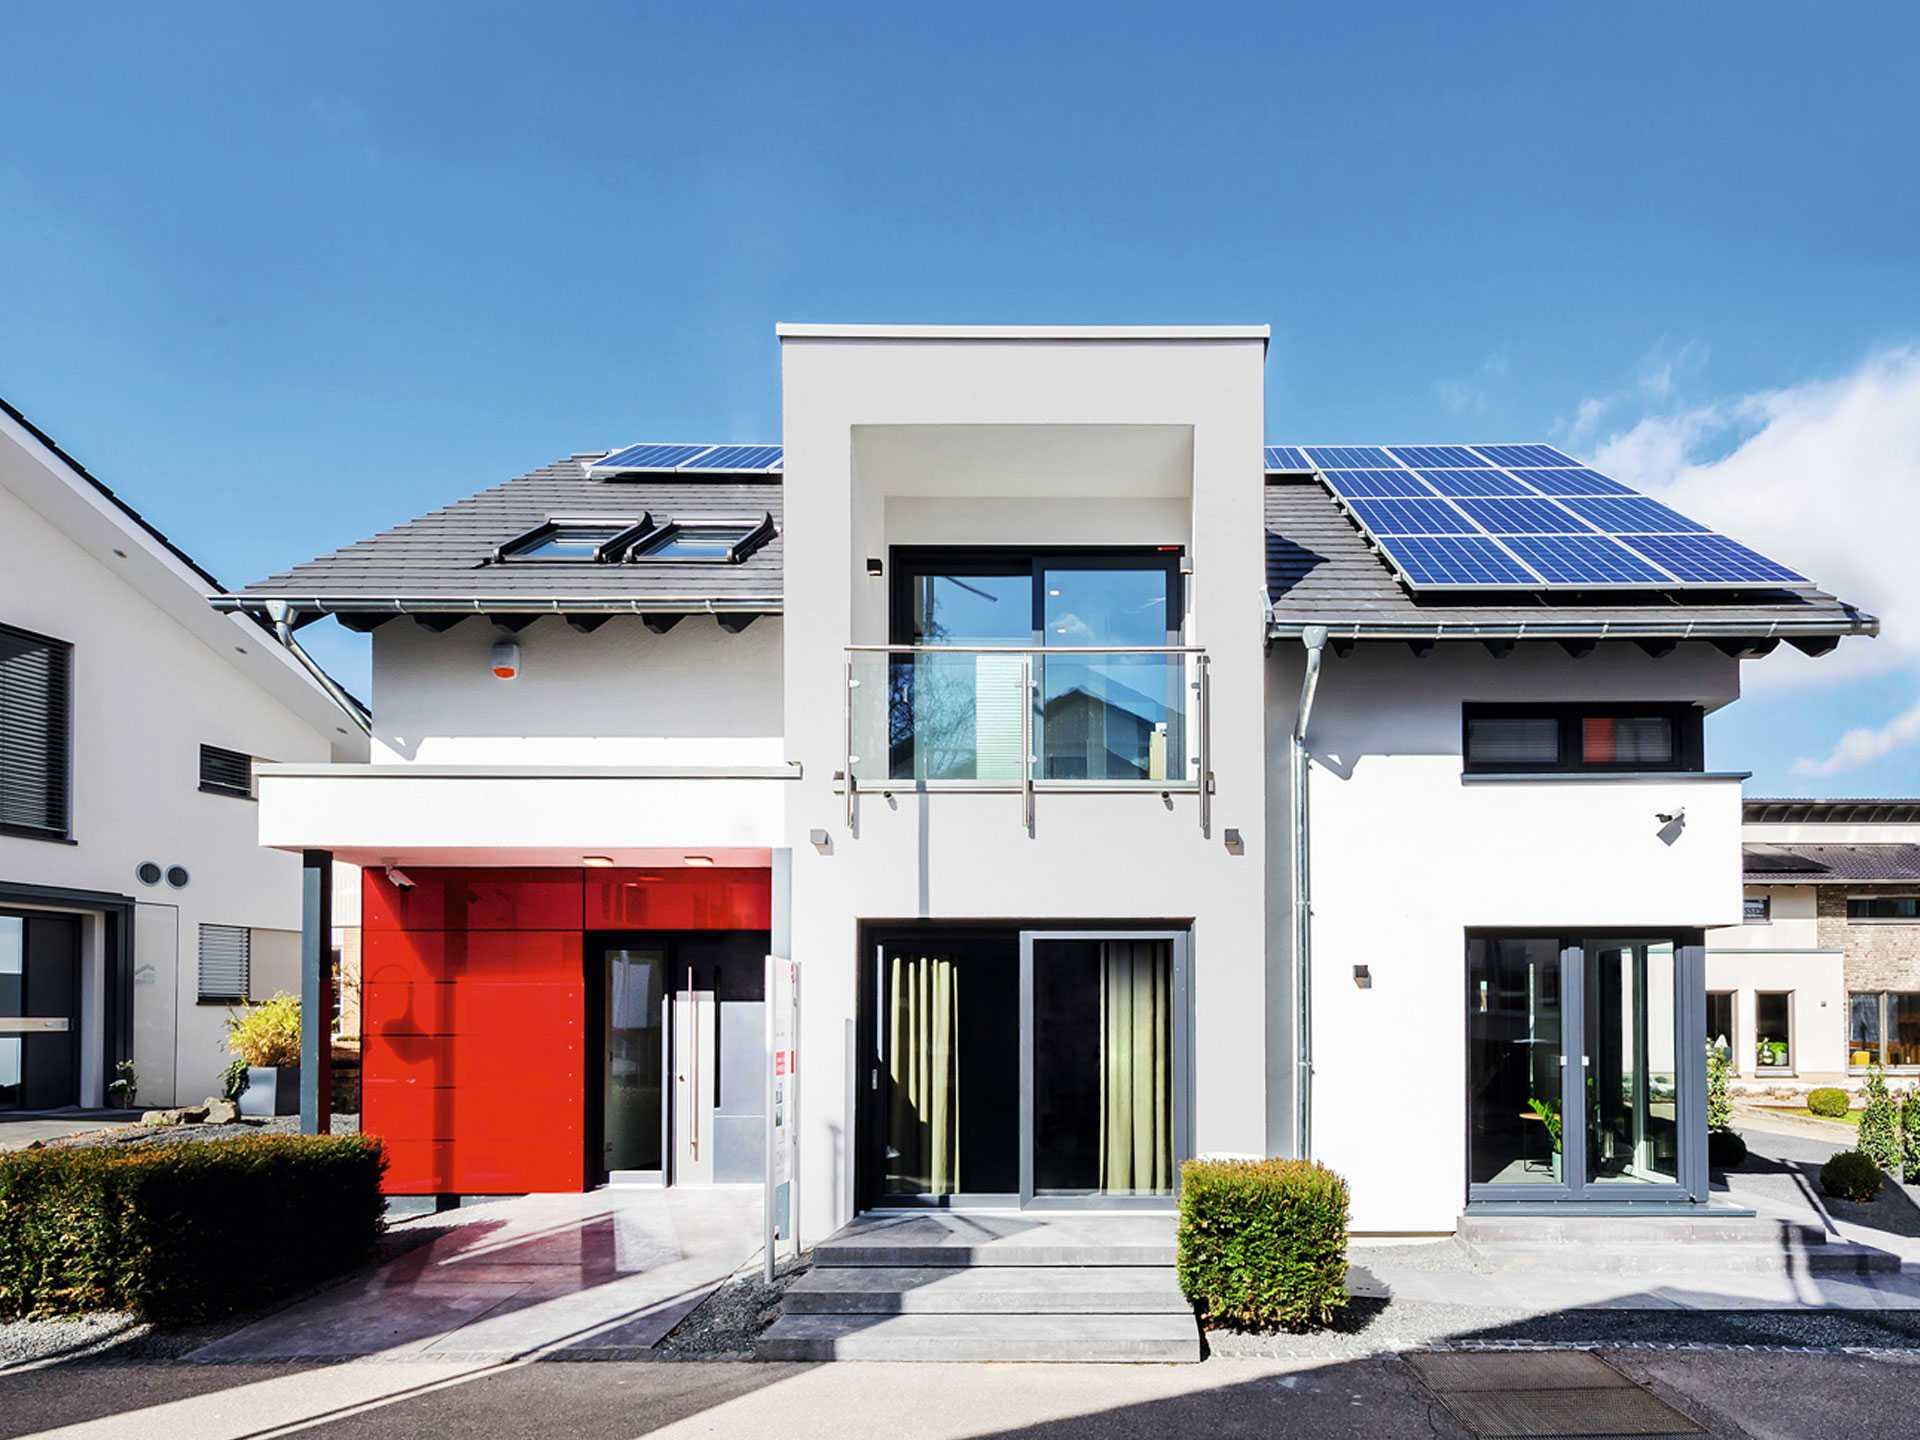 Musterhaus Fellbach Mit Zwerchgiebel Und Balkon Okal Haus